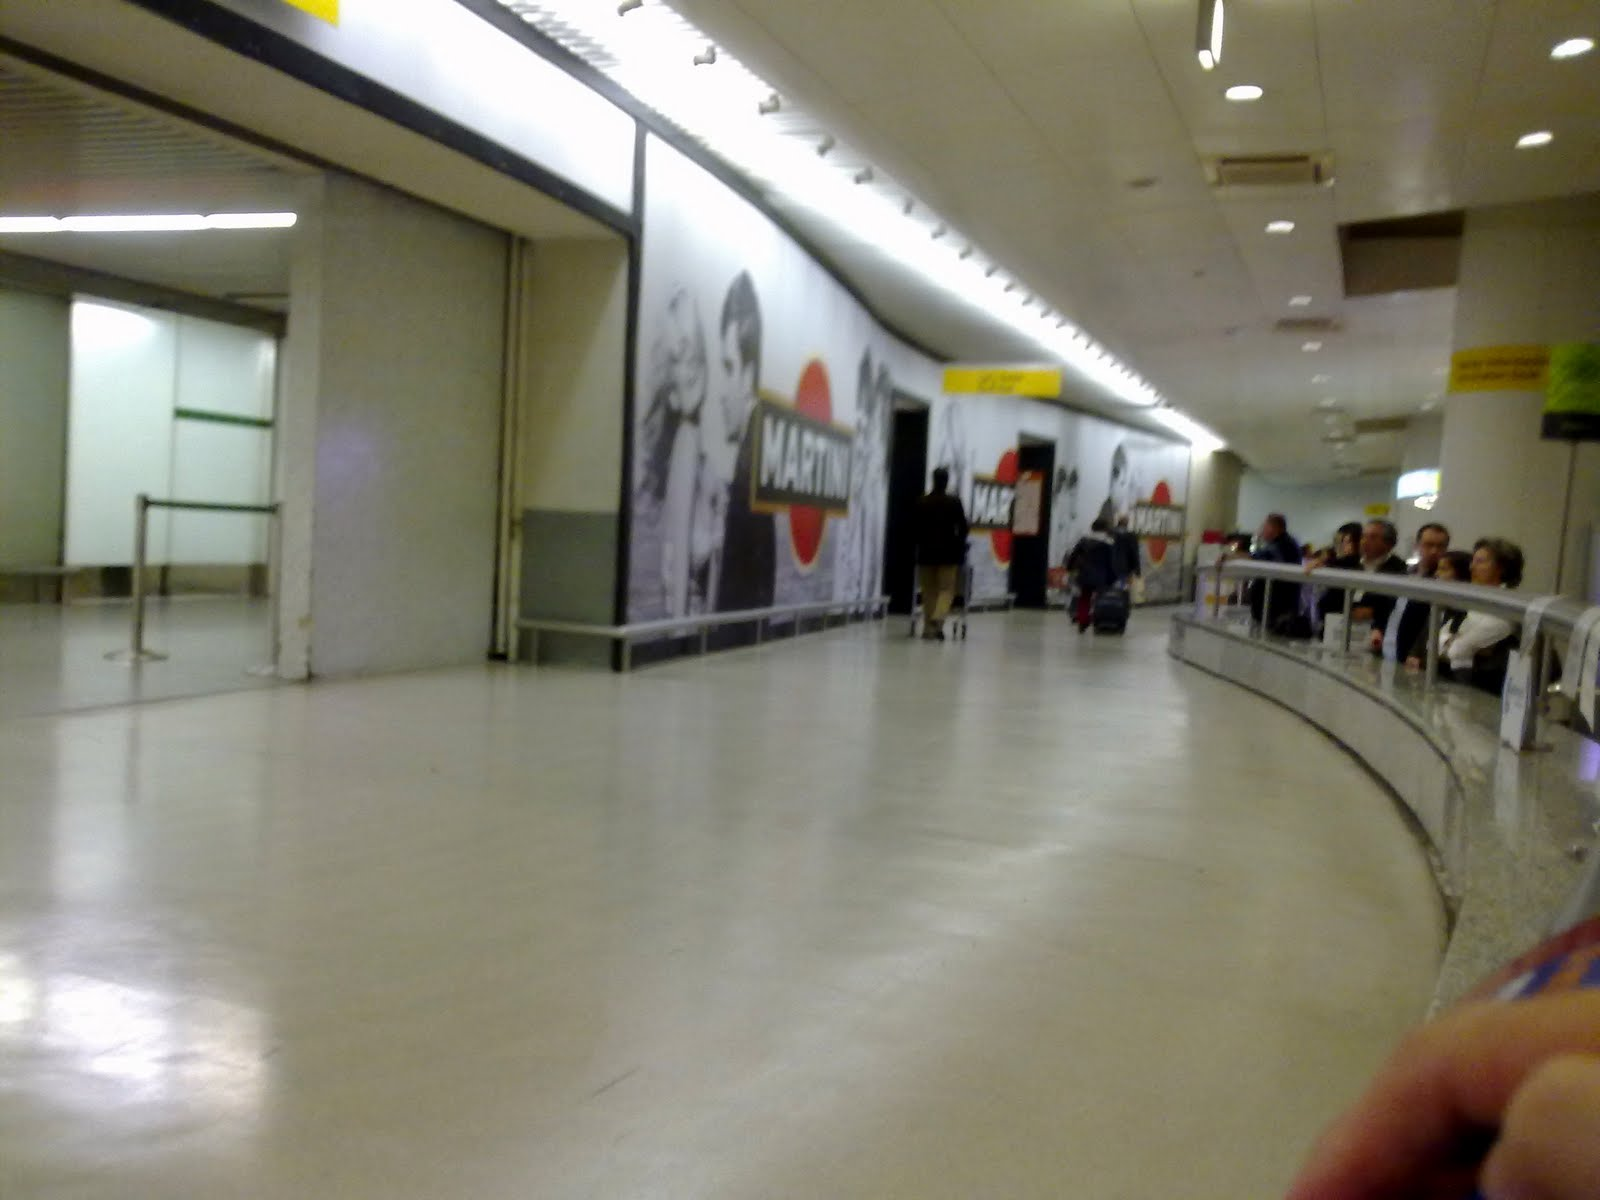 Aeroporto Luanda Chegadas : Mala abandonada quot fechou zona de chegadas do aeroporto